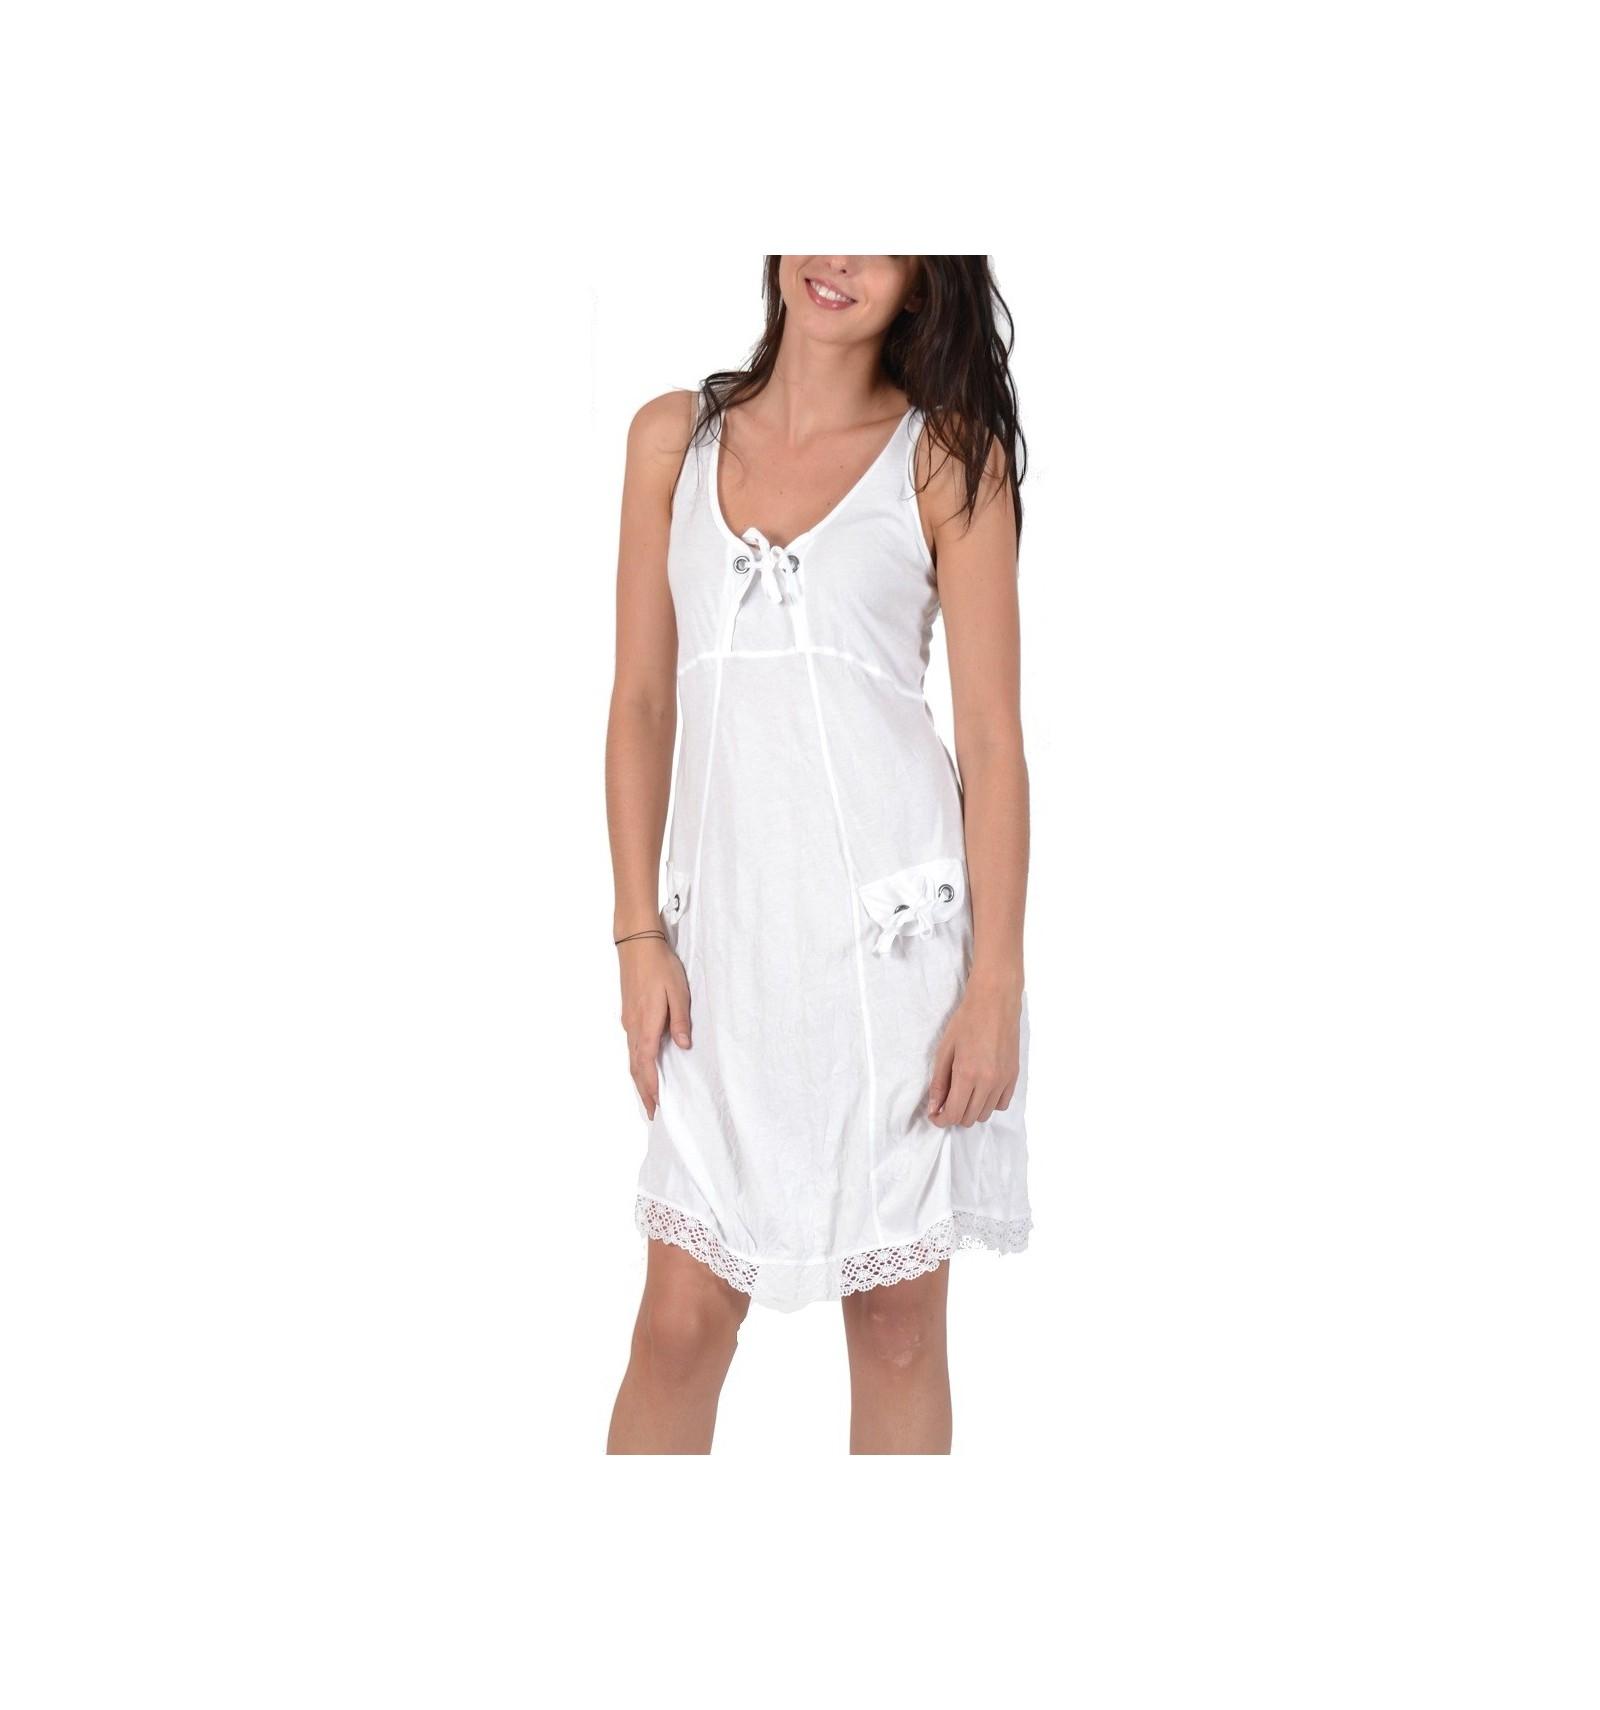 1bc03ca3008 Robe courte en coton Maloka couleur blanche - Mode-Lin.com